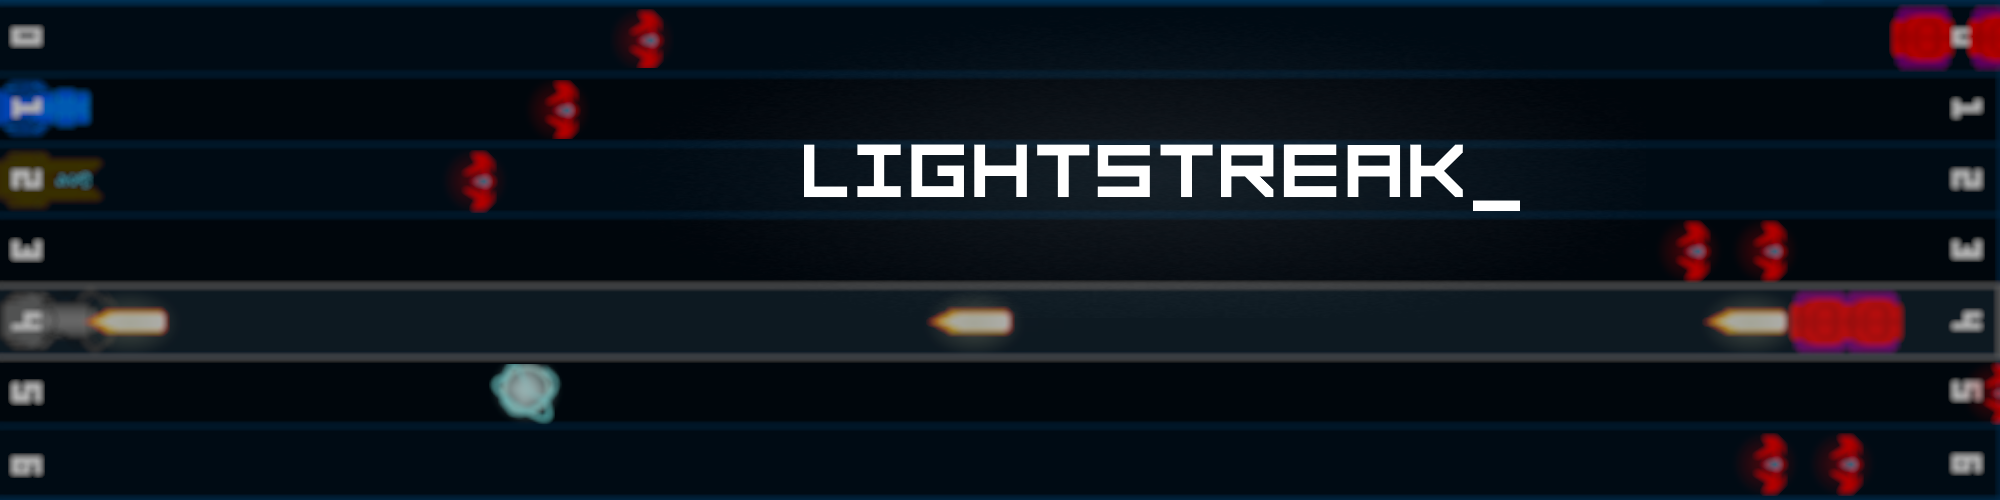 Lightstreak